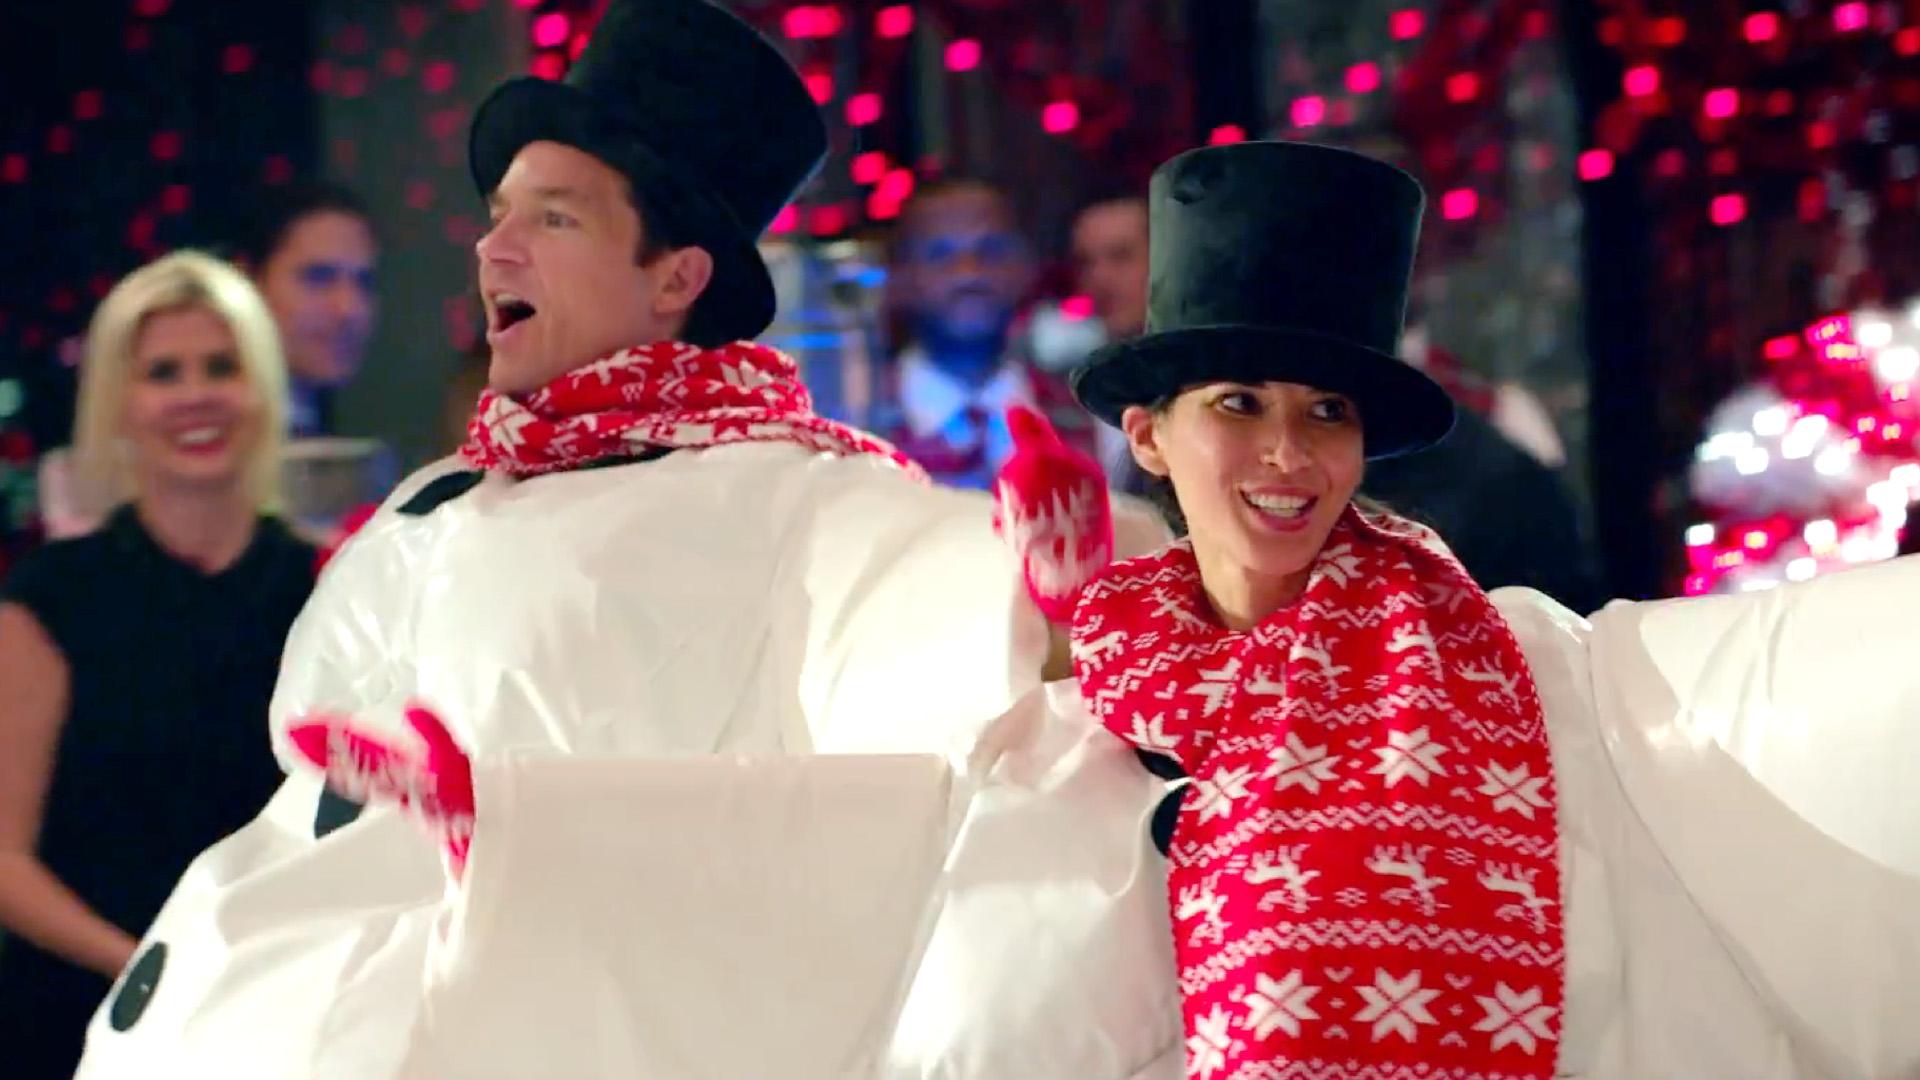 Office Christmas Party: Office Christmas Party Movie Clip - Sumo ...